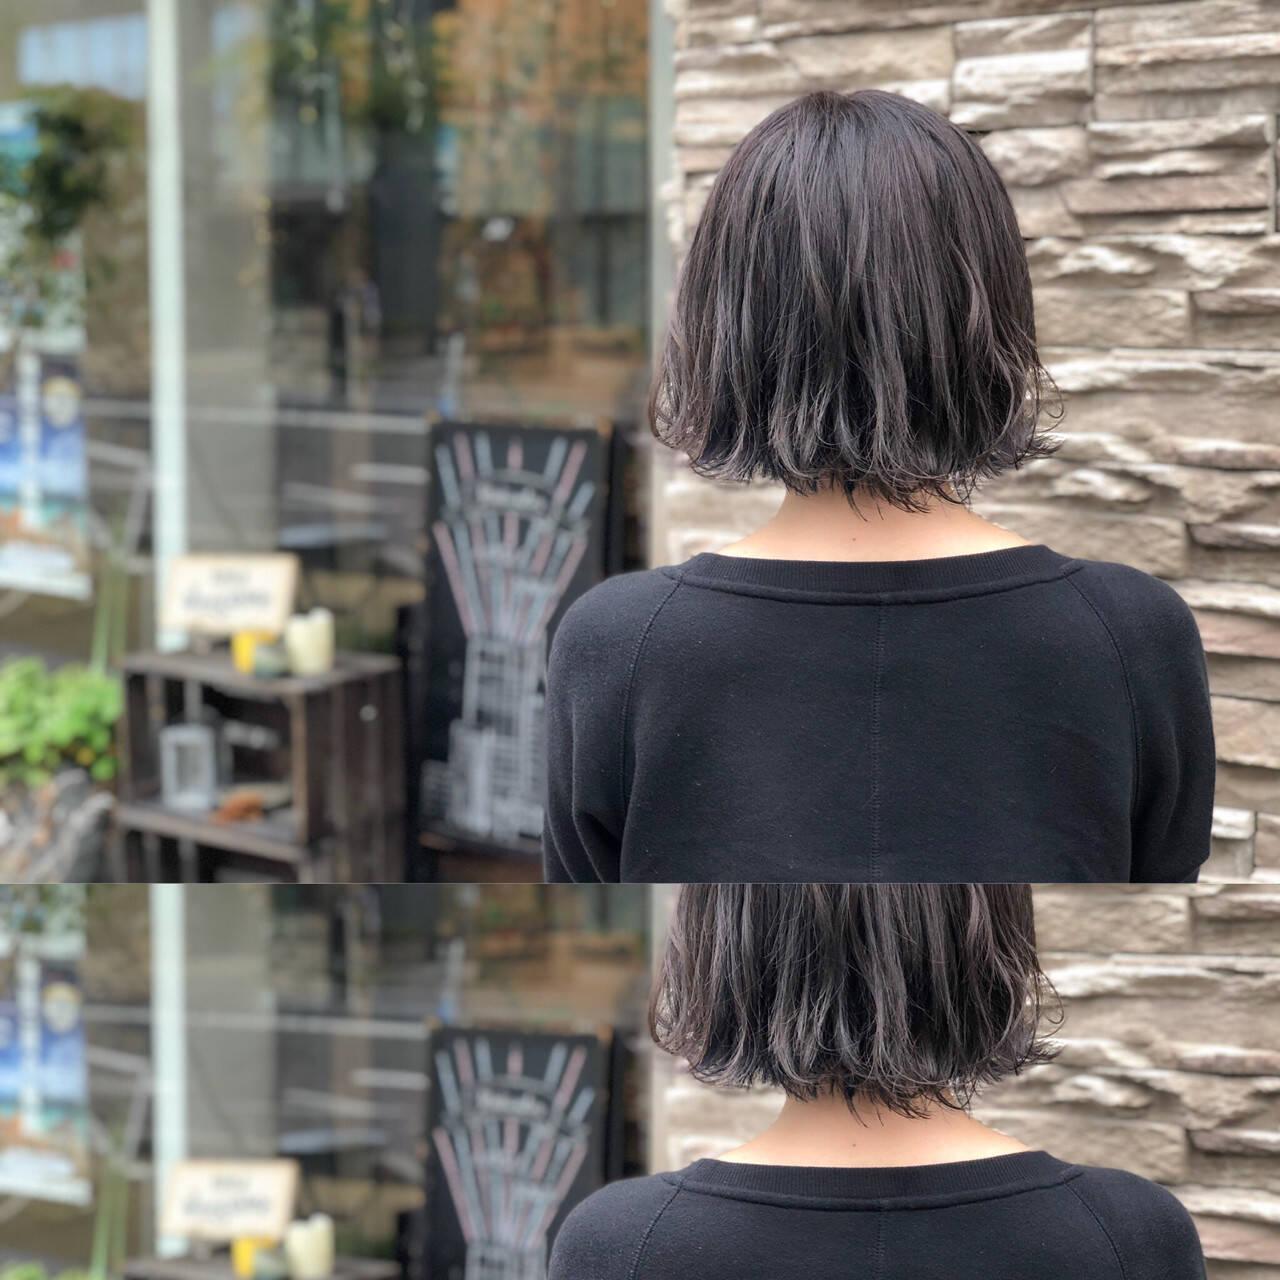 ヘアアレンジ ボブ ショート アッシュベージュヘアスタイルや髪型の写真・画像